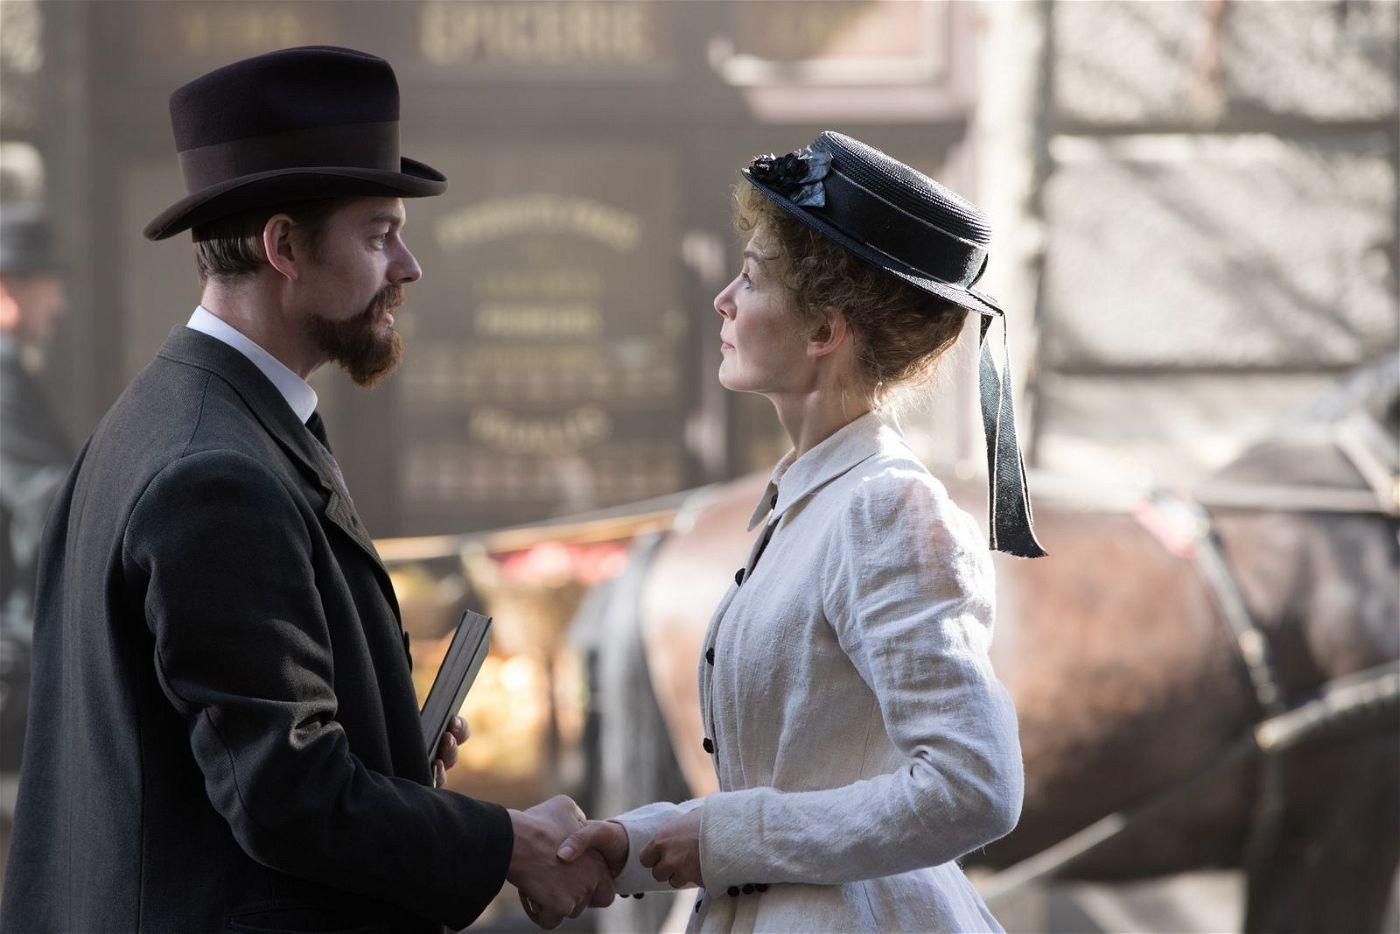 Zufällig begegnen sich Marie (Rosamund Pike) und Pierre (Sam Riley) auf der Straße.